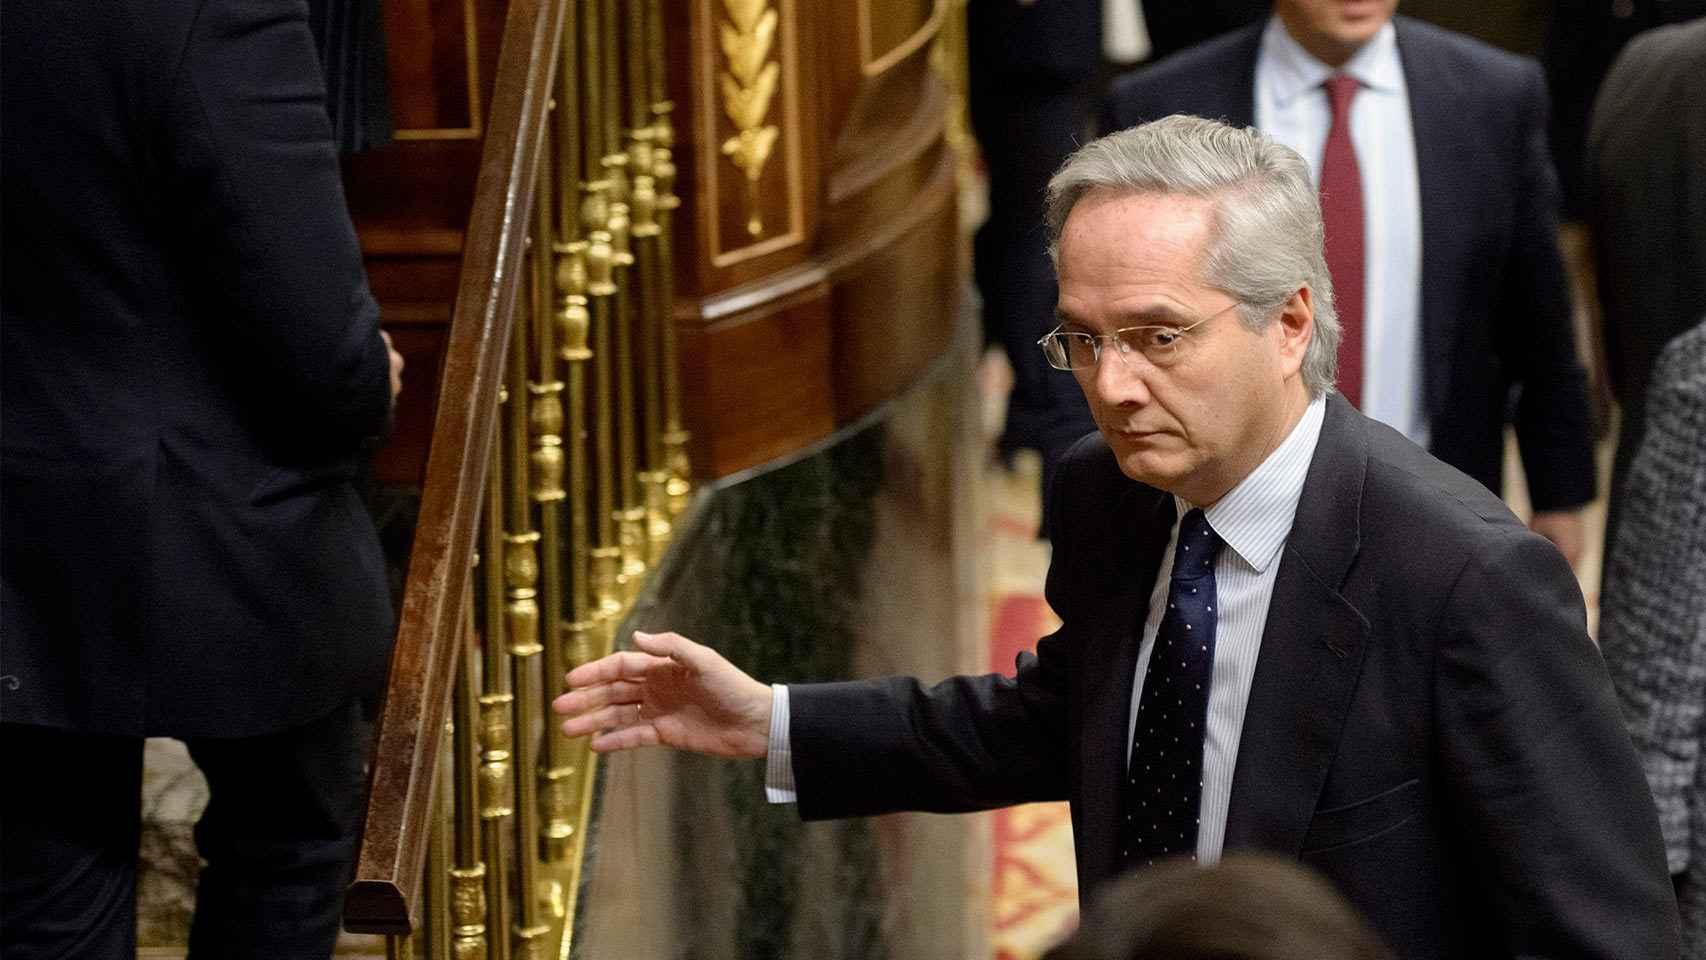 El diputado Gómez de la Serna, durante la sesión constitutiva del Congreso.